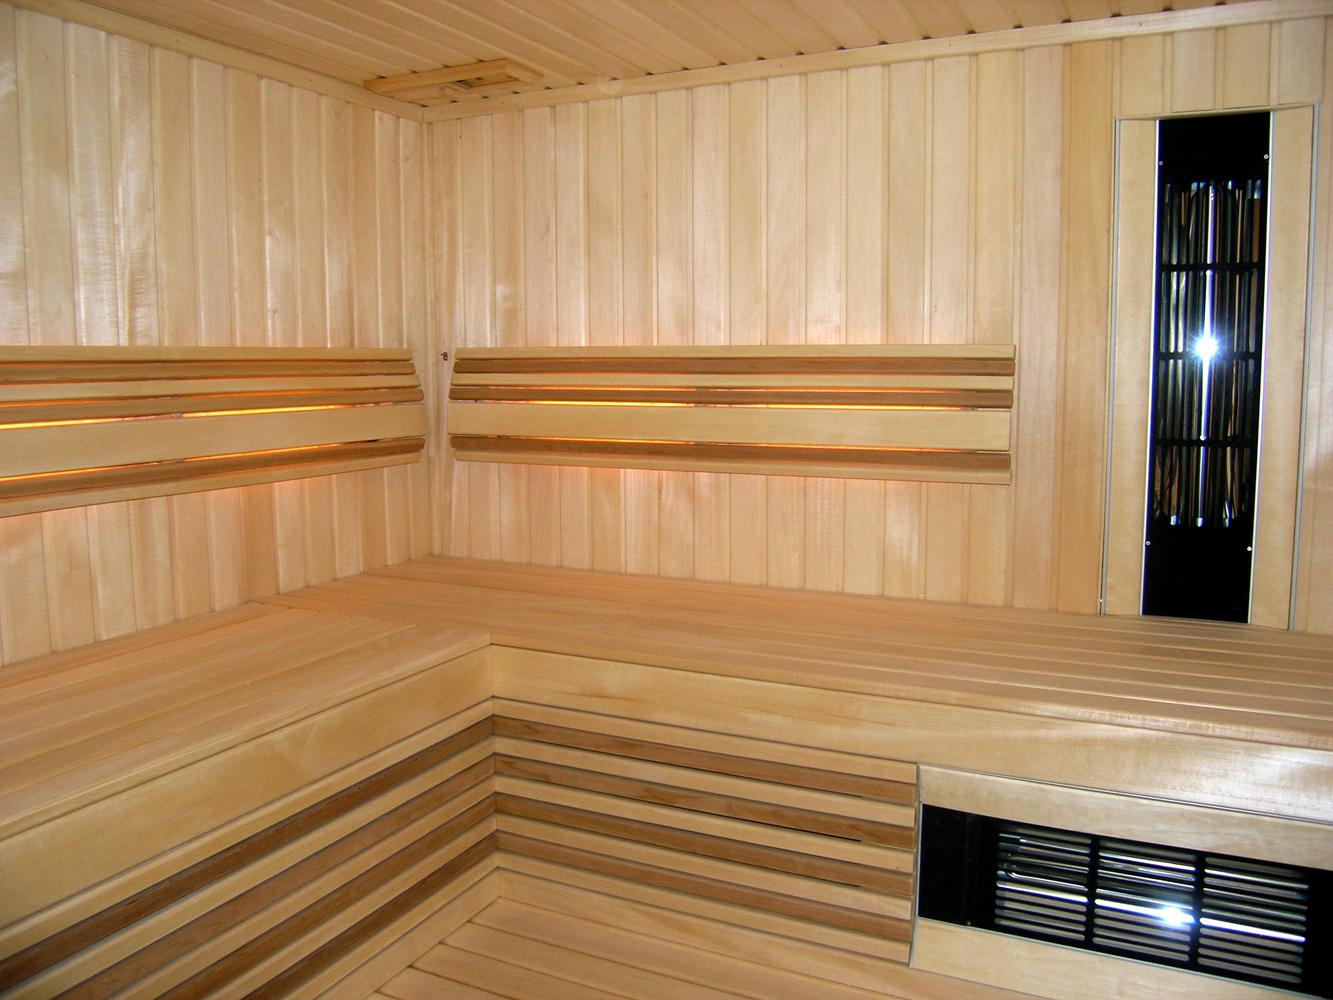 Отделка бани внутри: обустройство парилки, душевой, комнаты отдыха. баня своими руками: внутренняя отделка